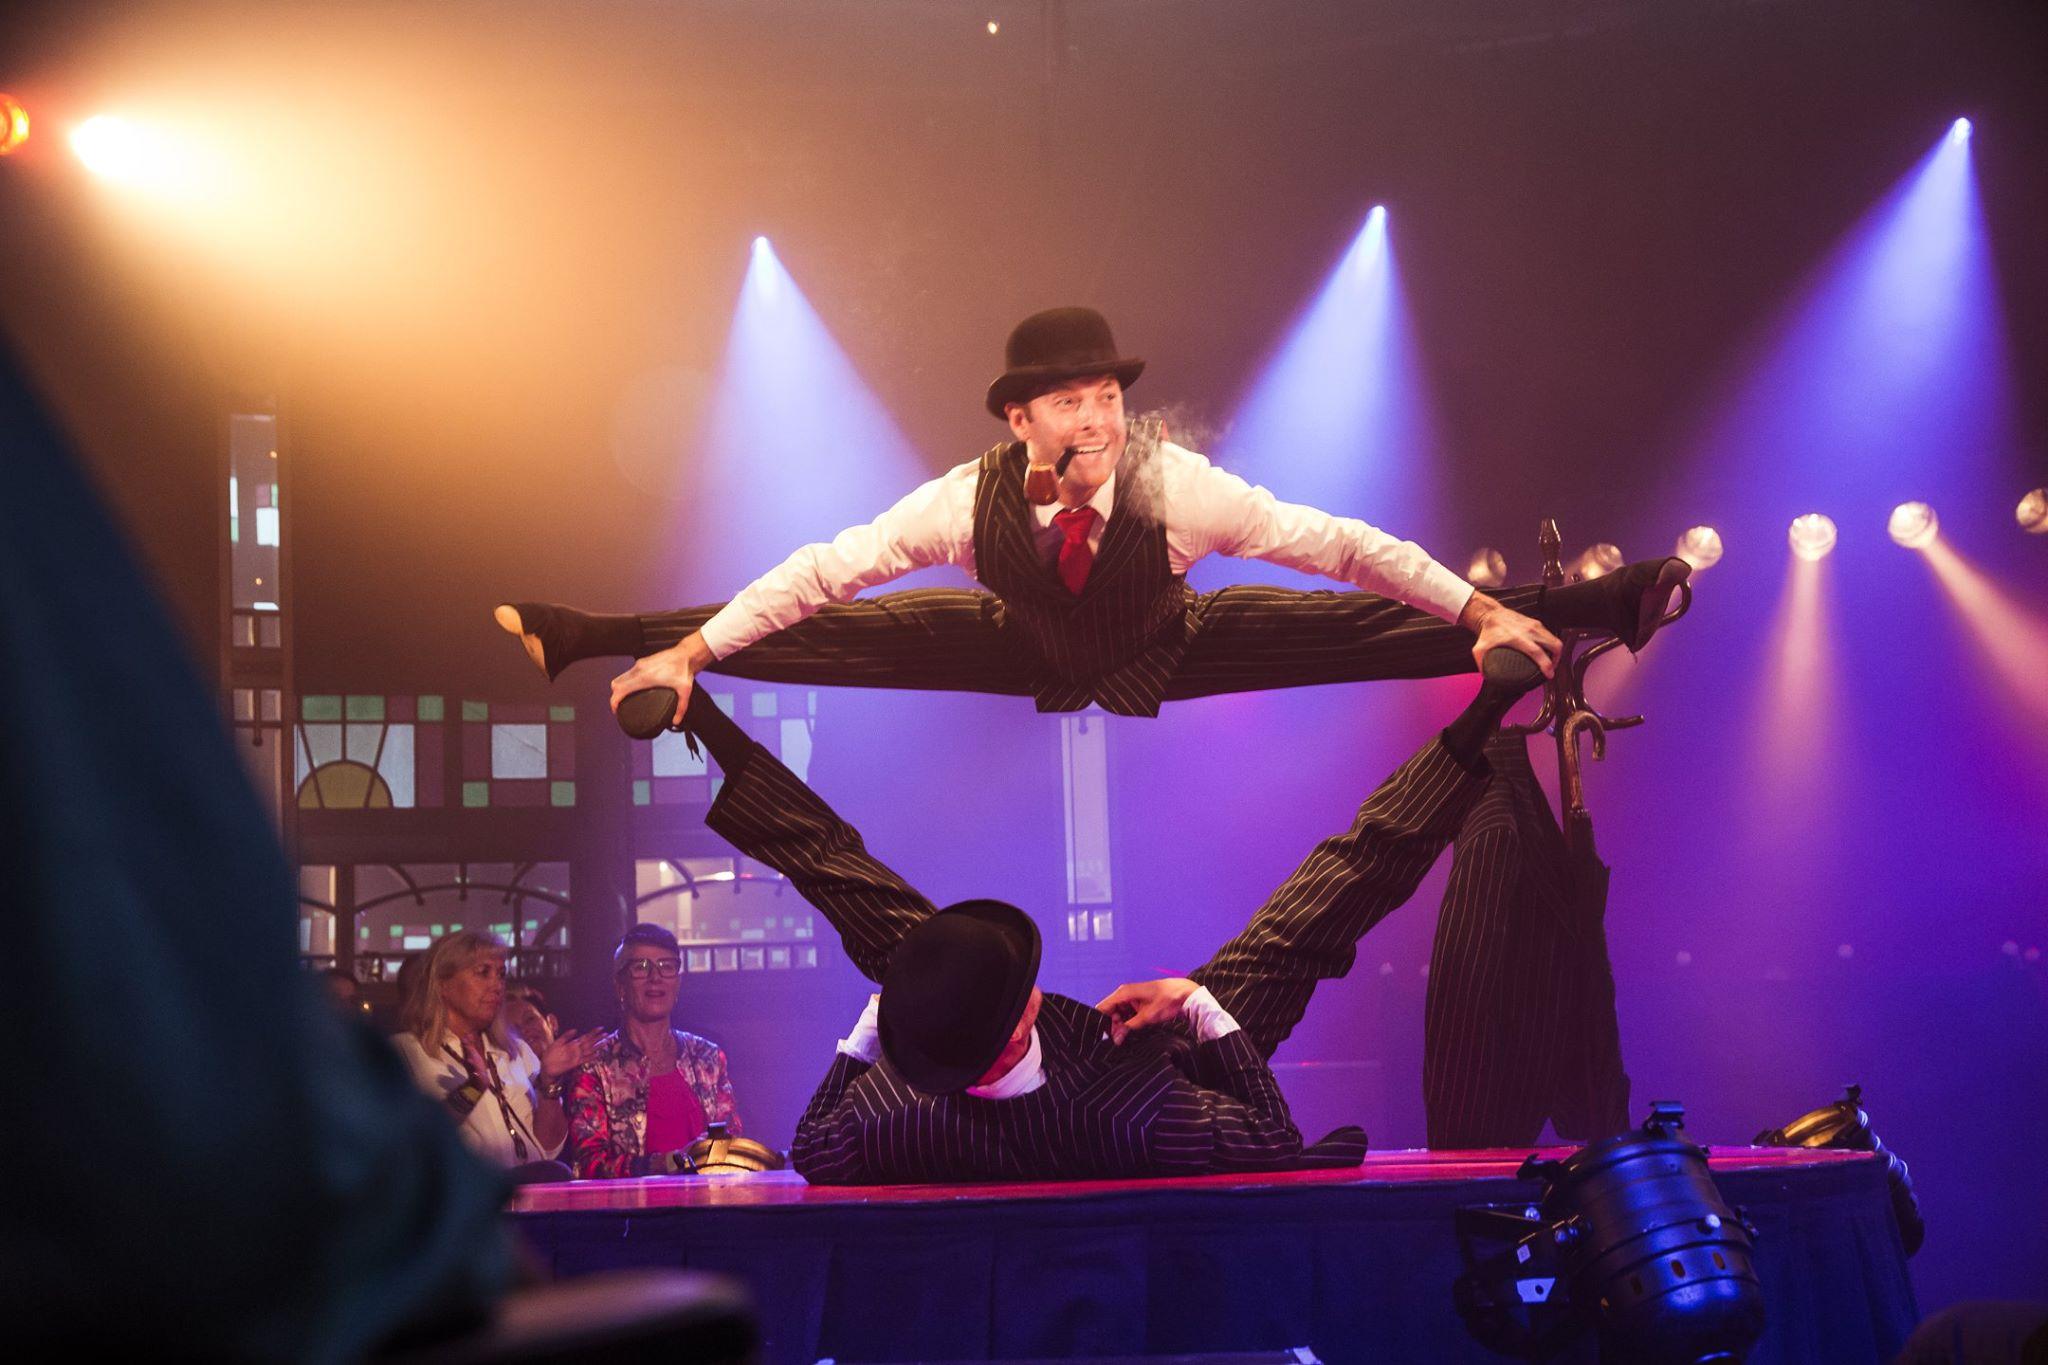 Aalborg Festivals starter onsdag: Så meget sker de første dage